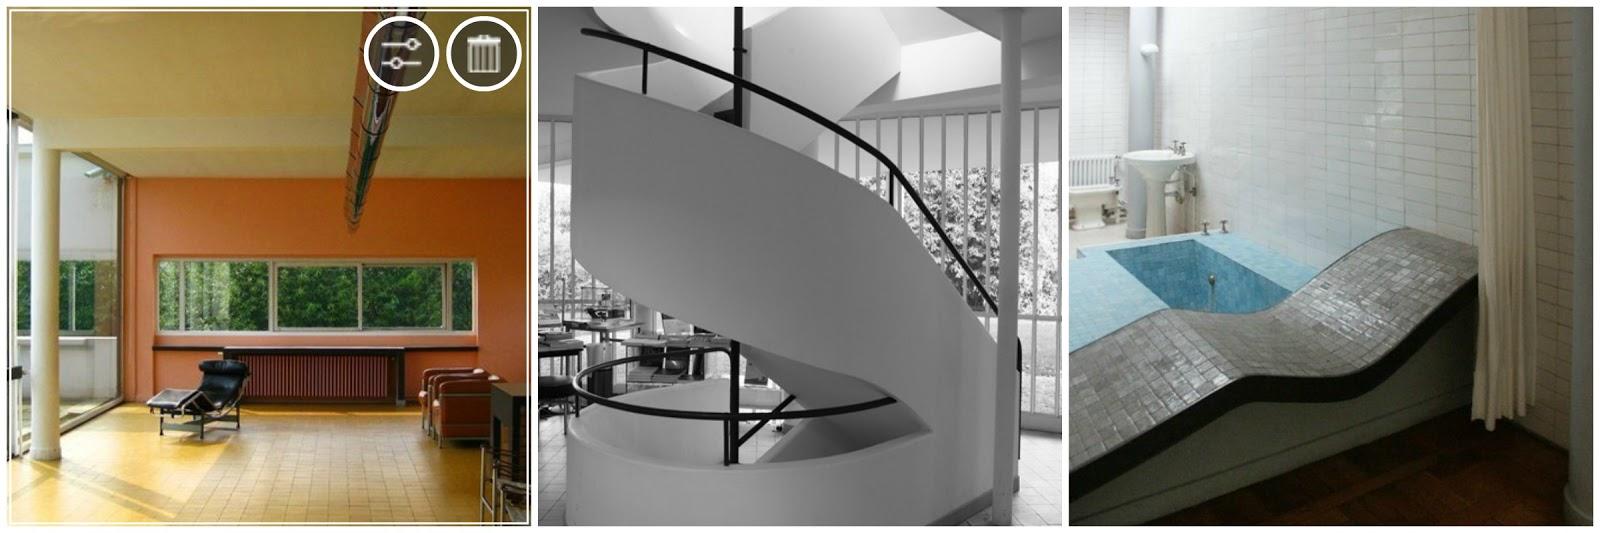 Il taccuino dell 39 architetto ville savoye il sogno for Interni di ville